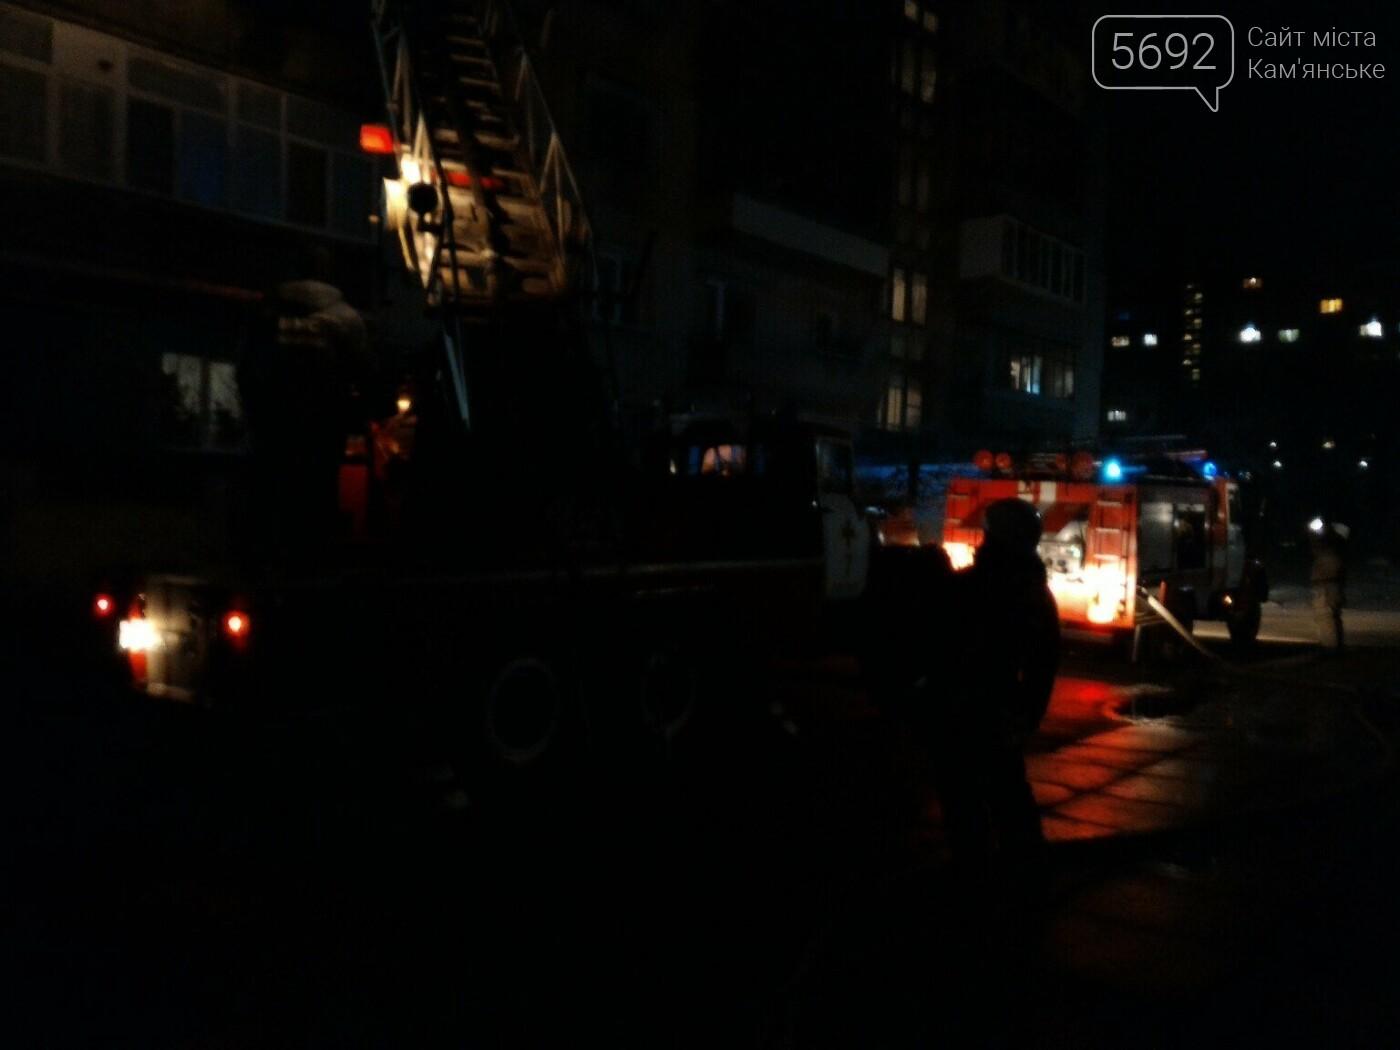 В Каменском из-за петарды едва не начался квартирный пожар, фото-1